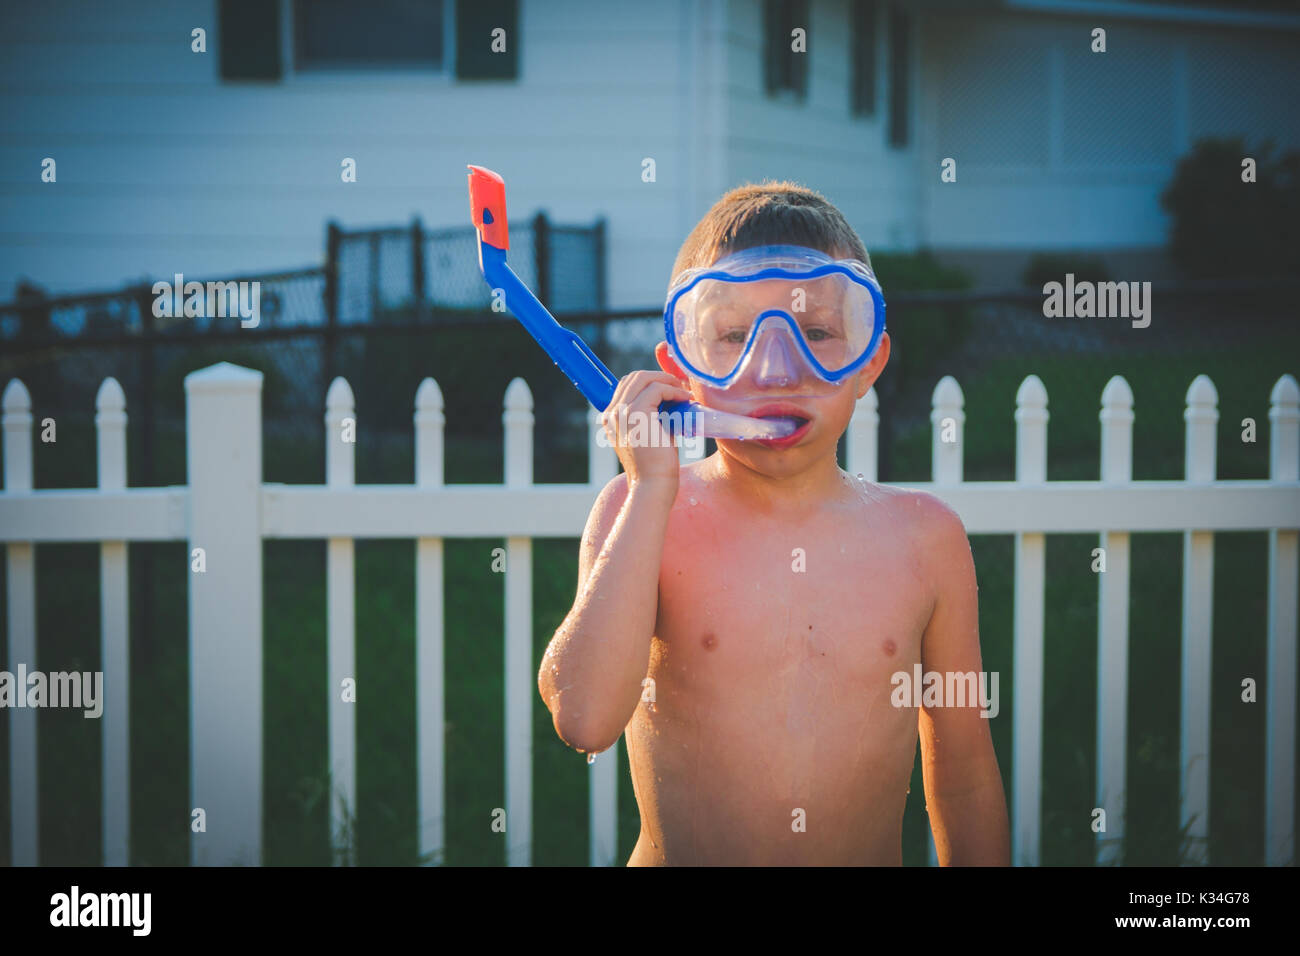 Un garçon porte un masque de plongée dans une arrière-cour pendant l'été. Photo Stock